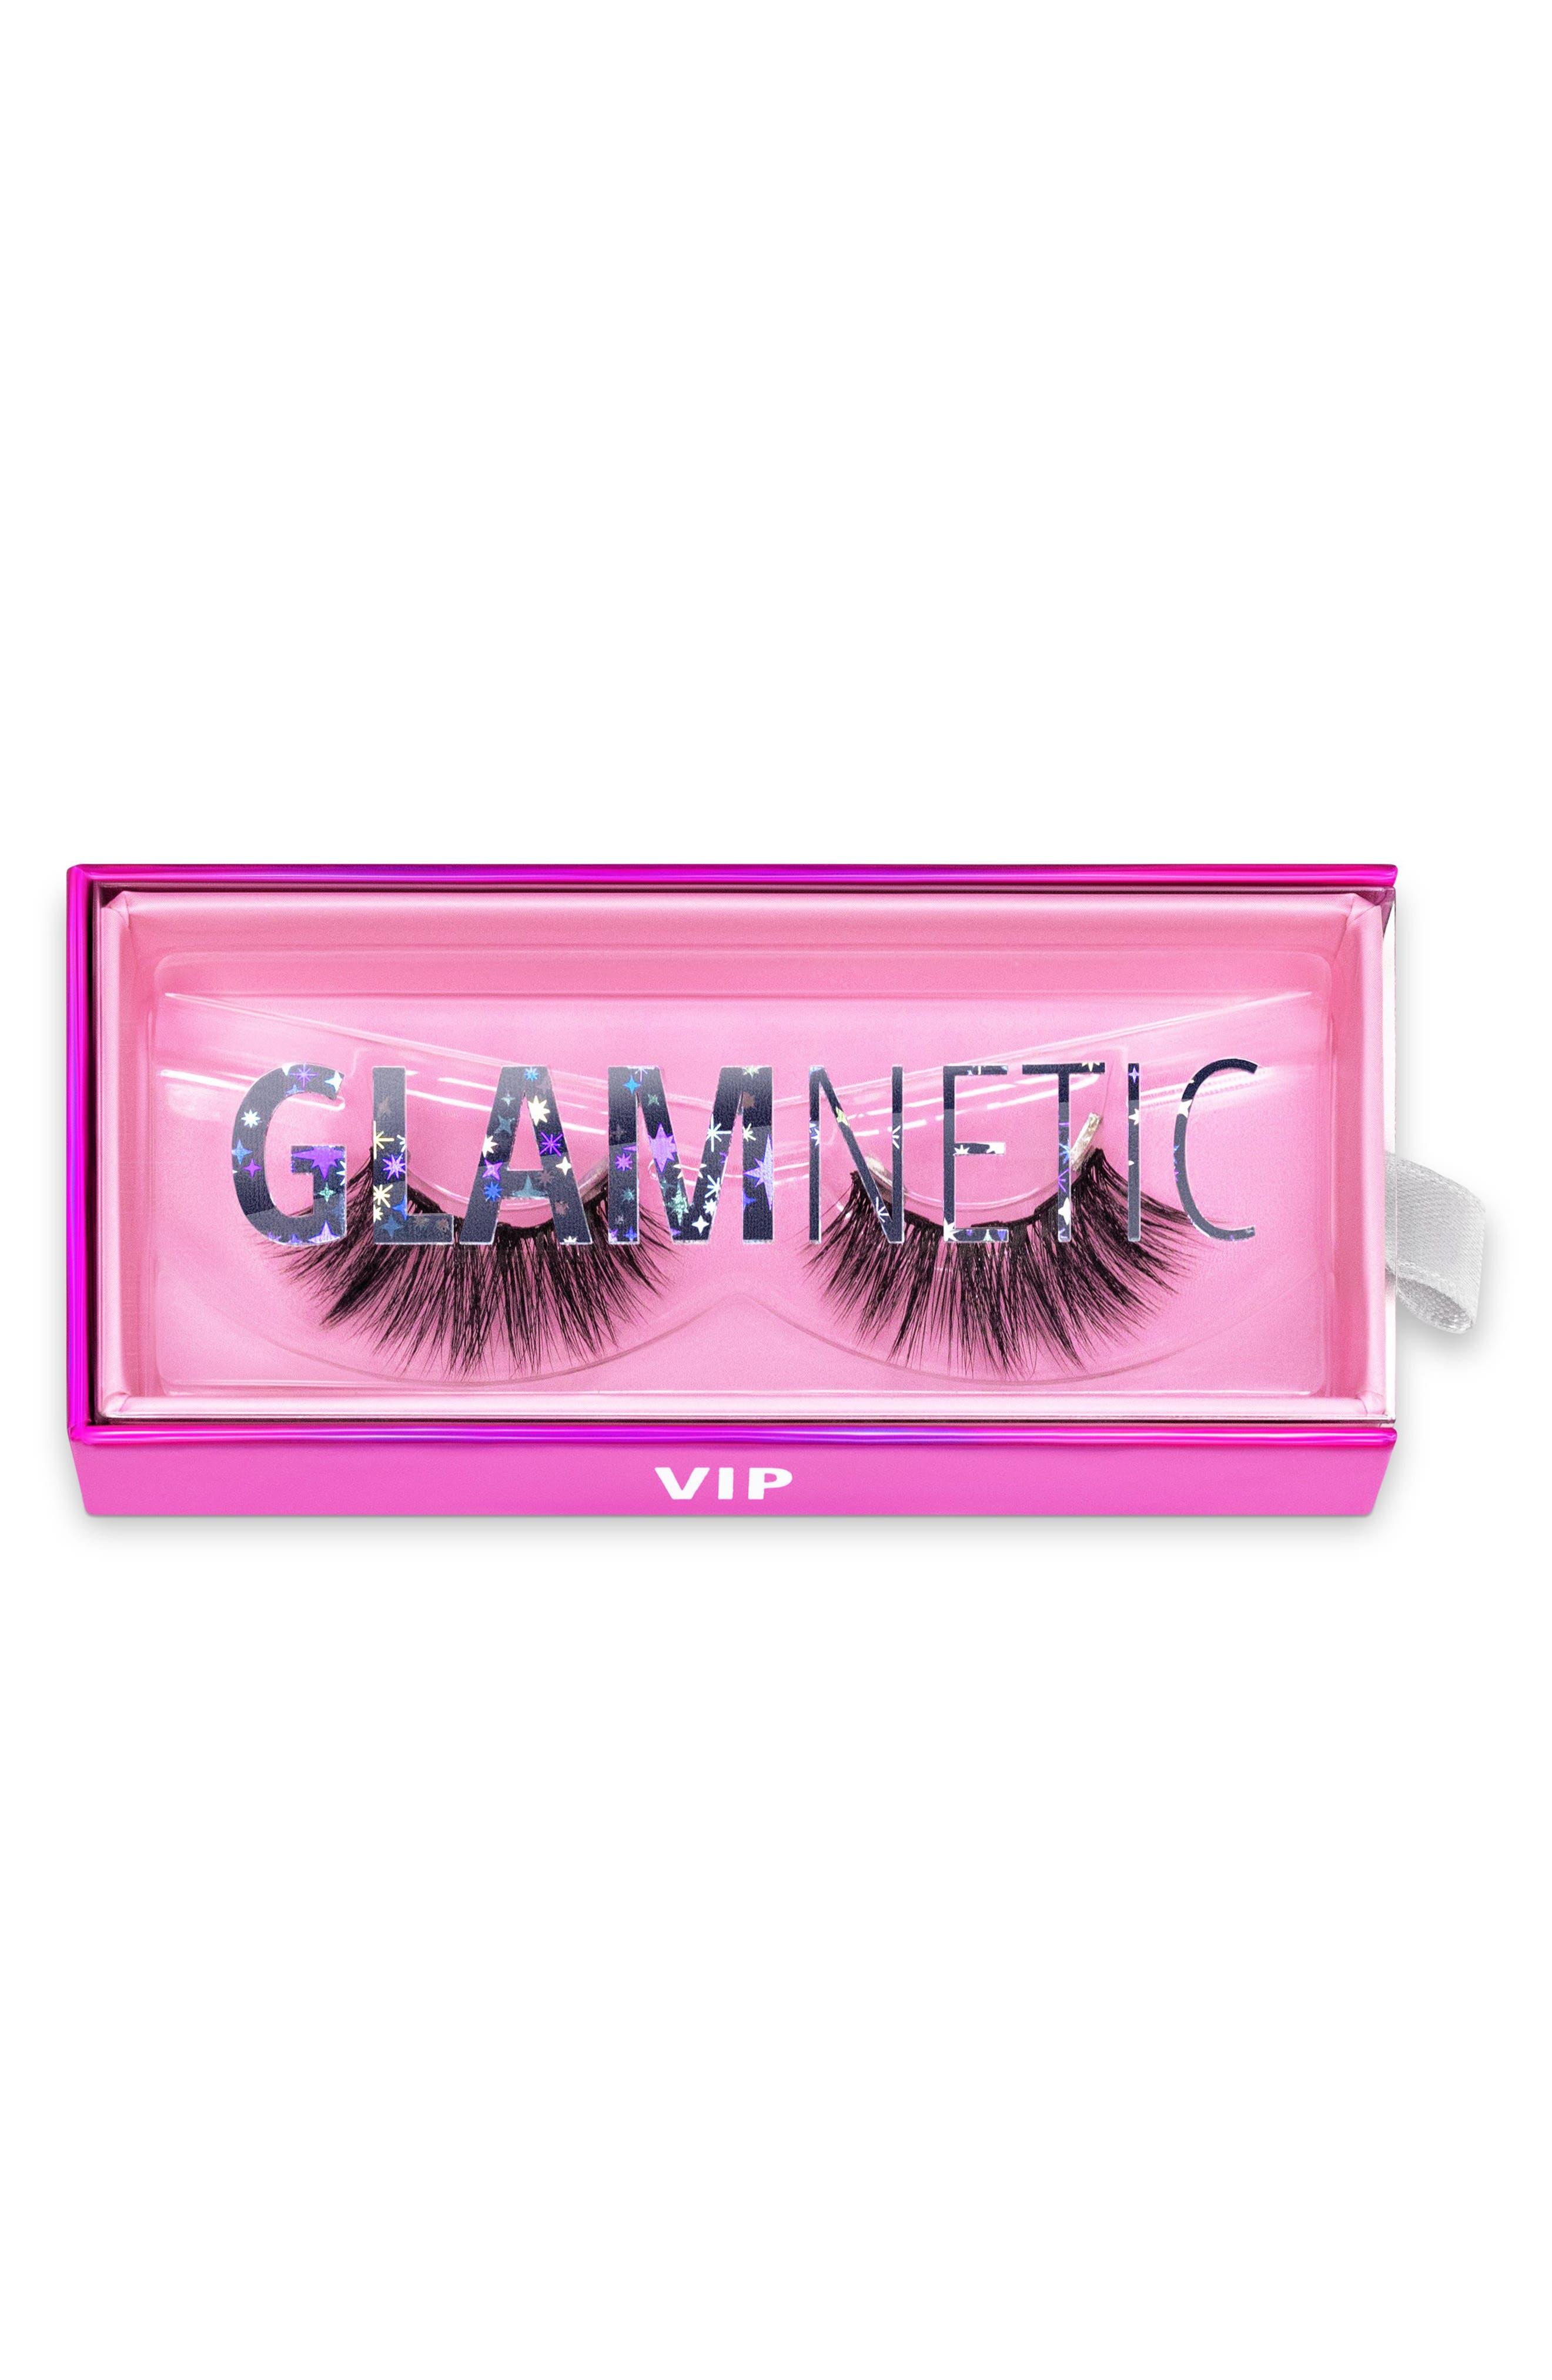 Vip Magnetic False Eyelashes